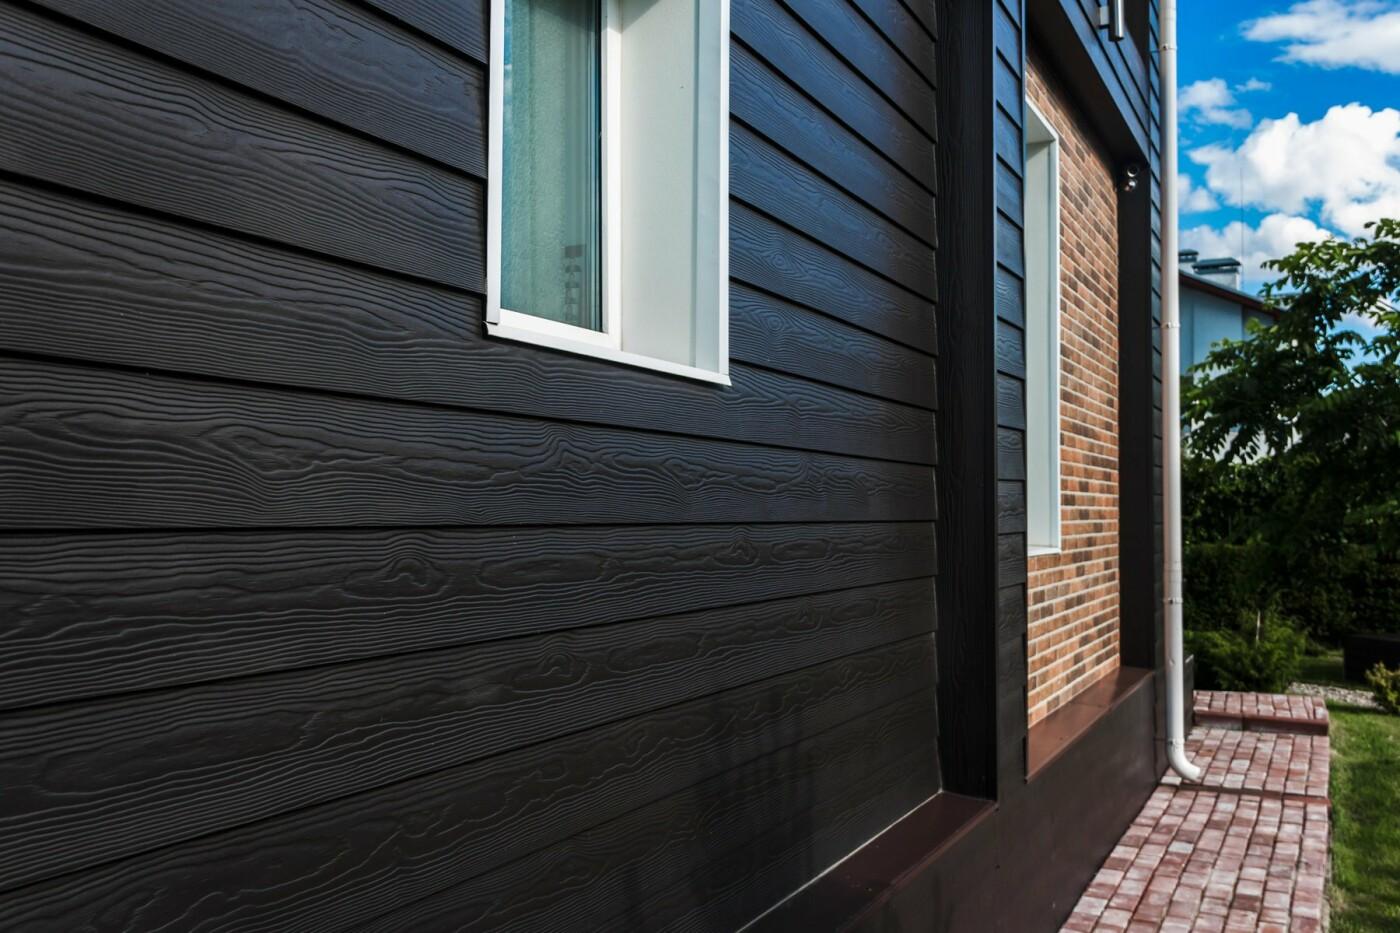 Розкішний та модерний фасад вашого дому за доступною ціною від «Дах Фасад», фото-7